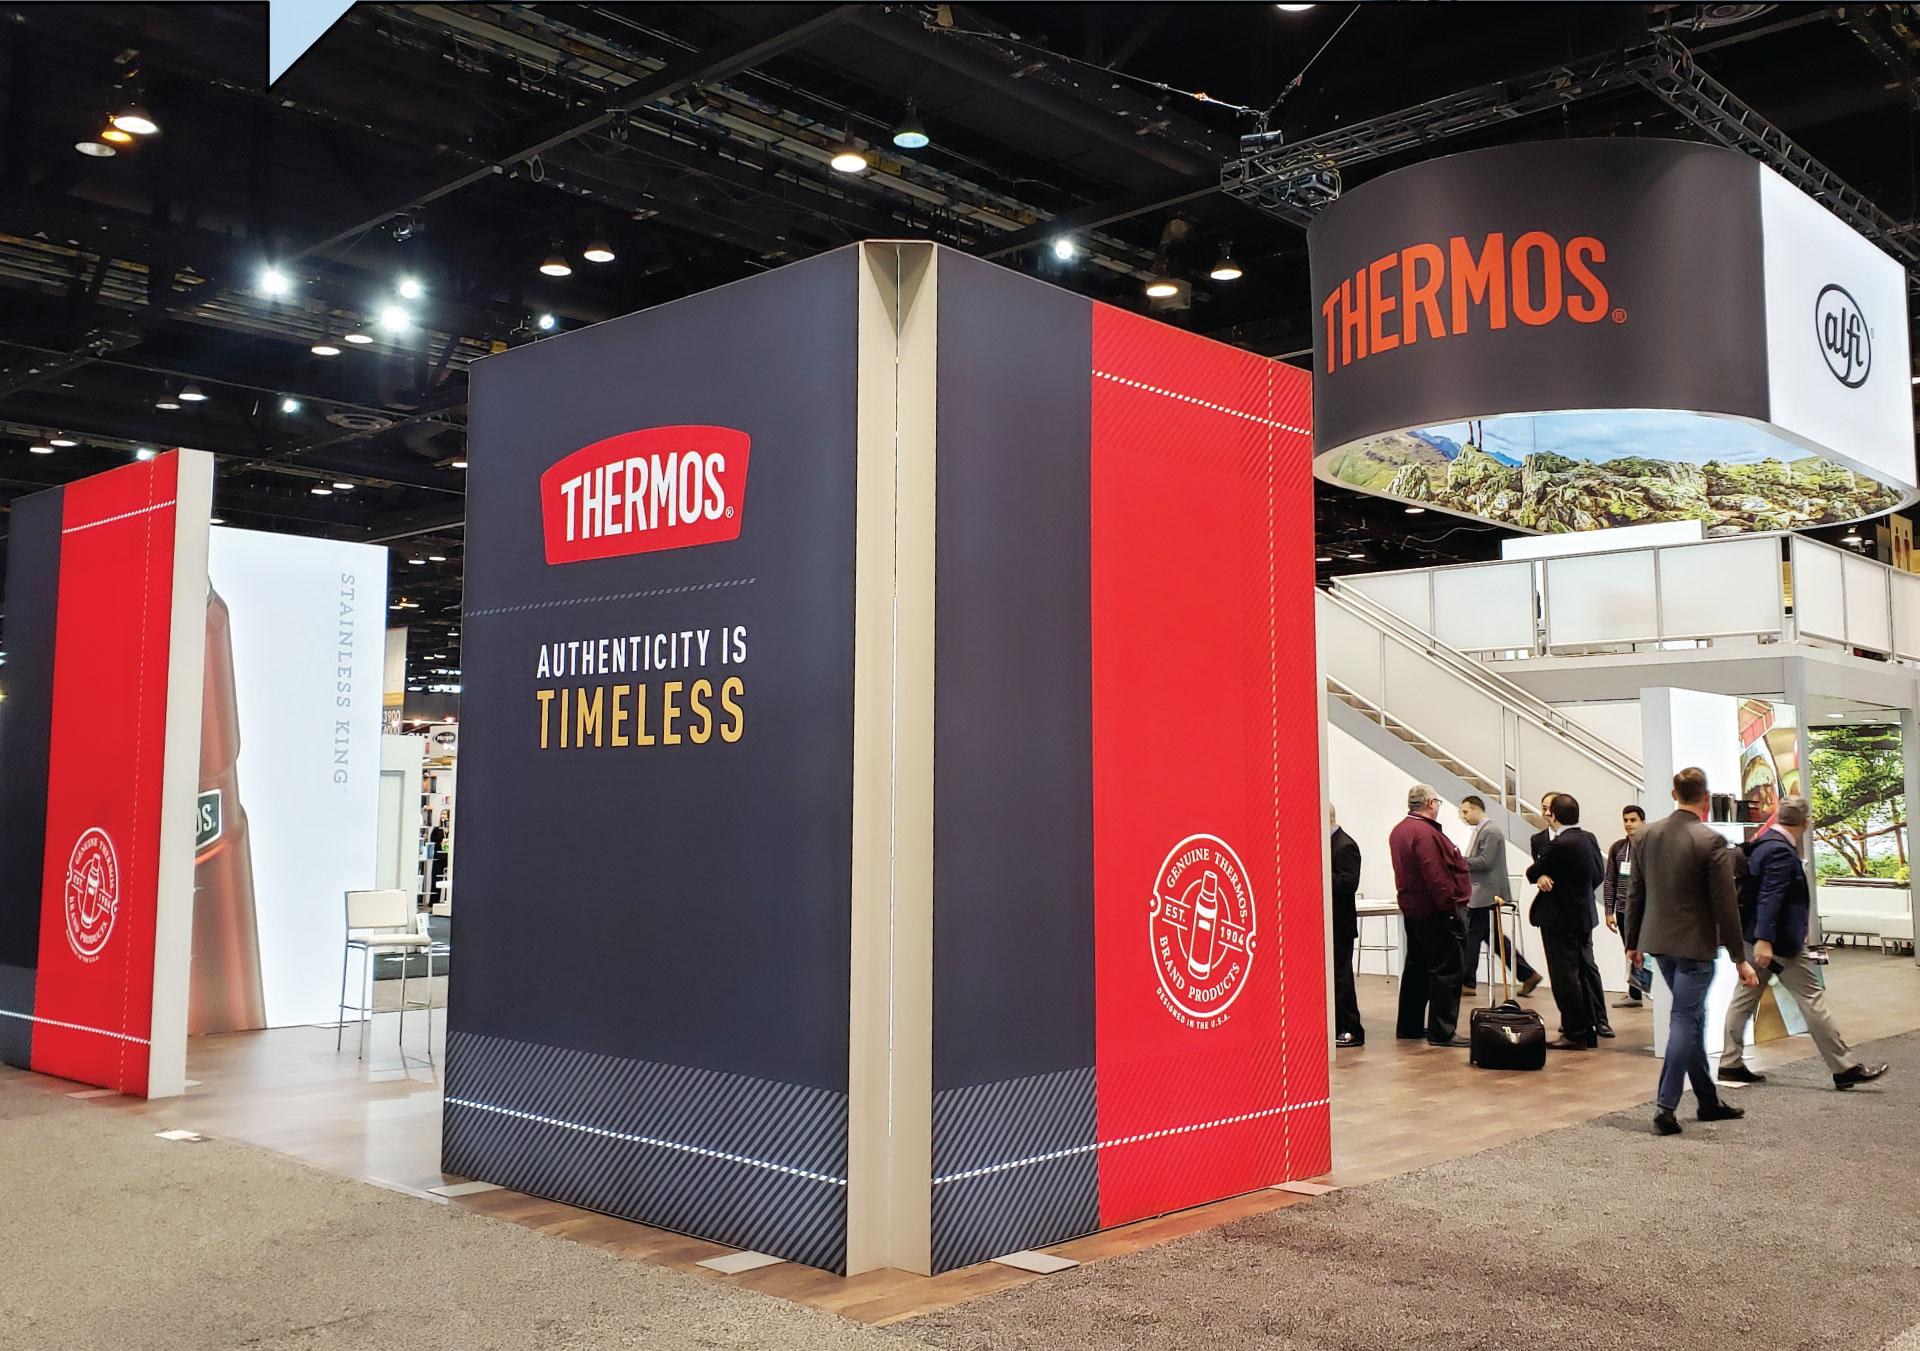 Thermos - Tradeshow